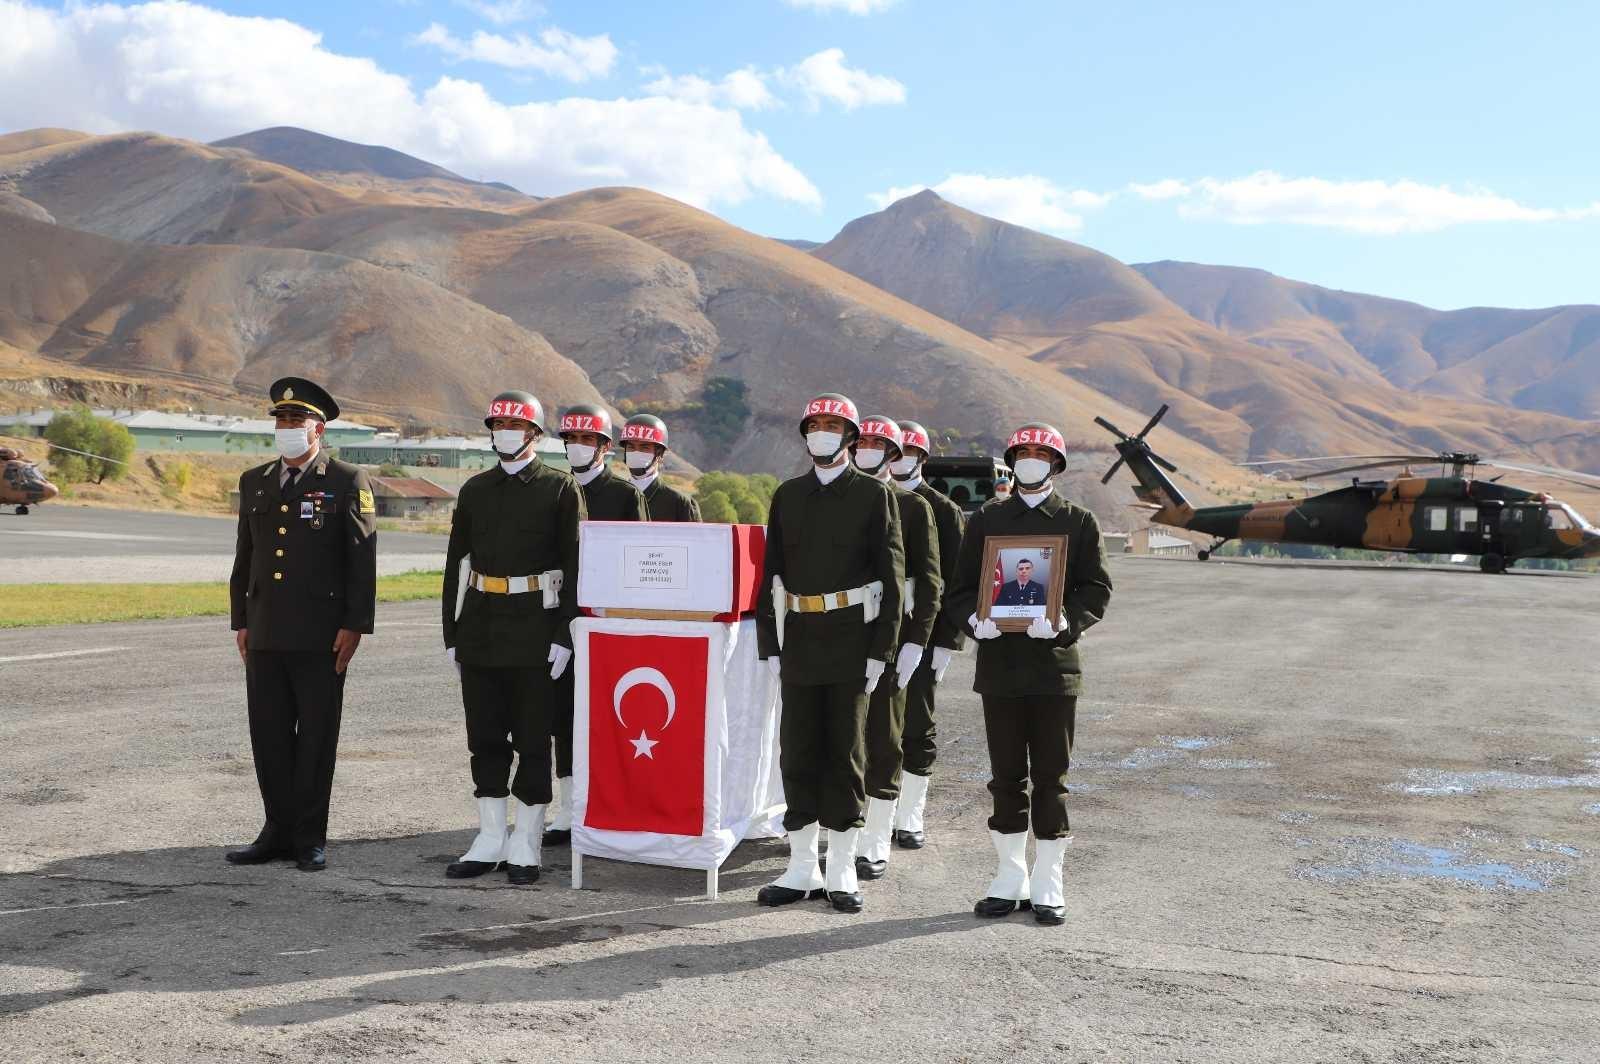 Şehit Eser için Hakkari'de tören düzenlendi #hakkari